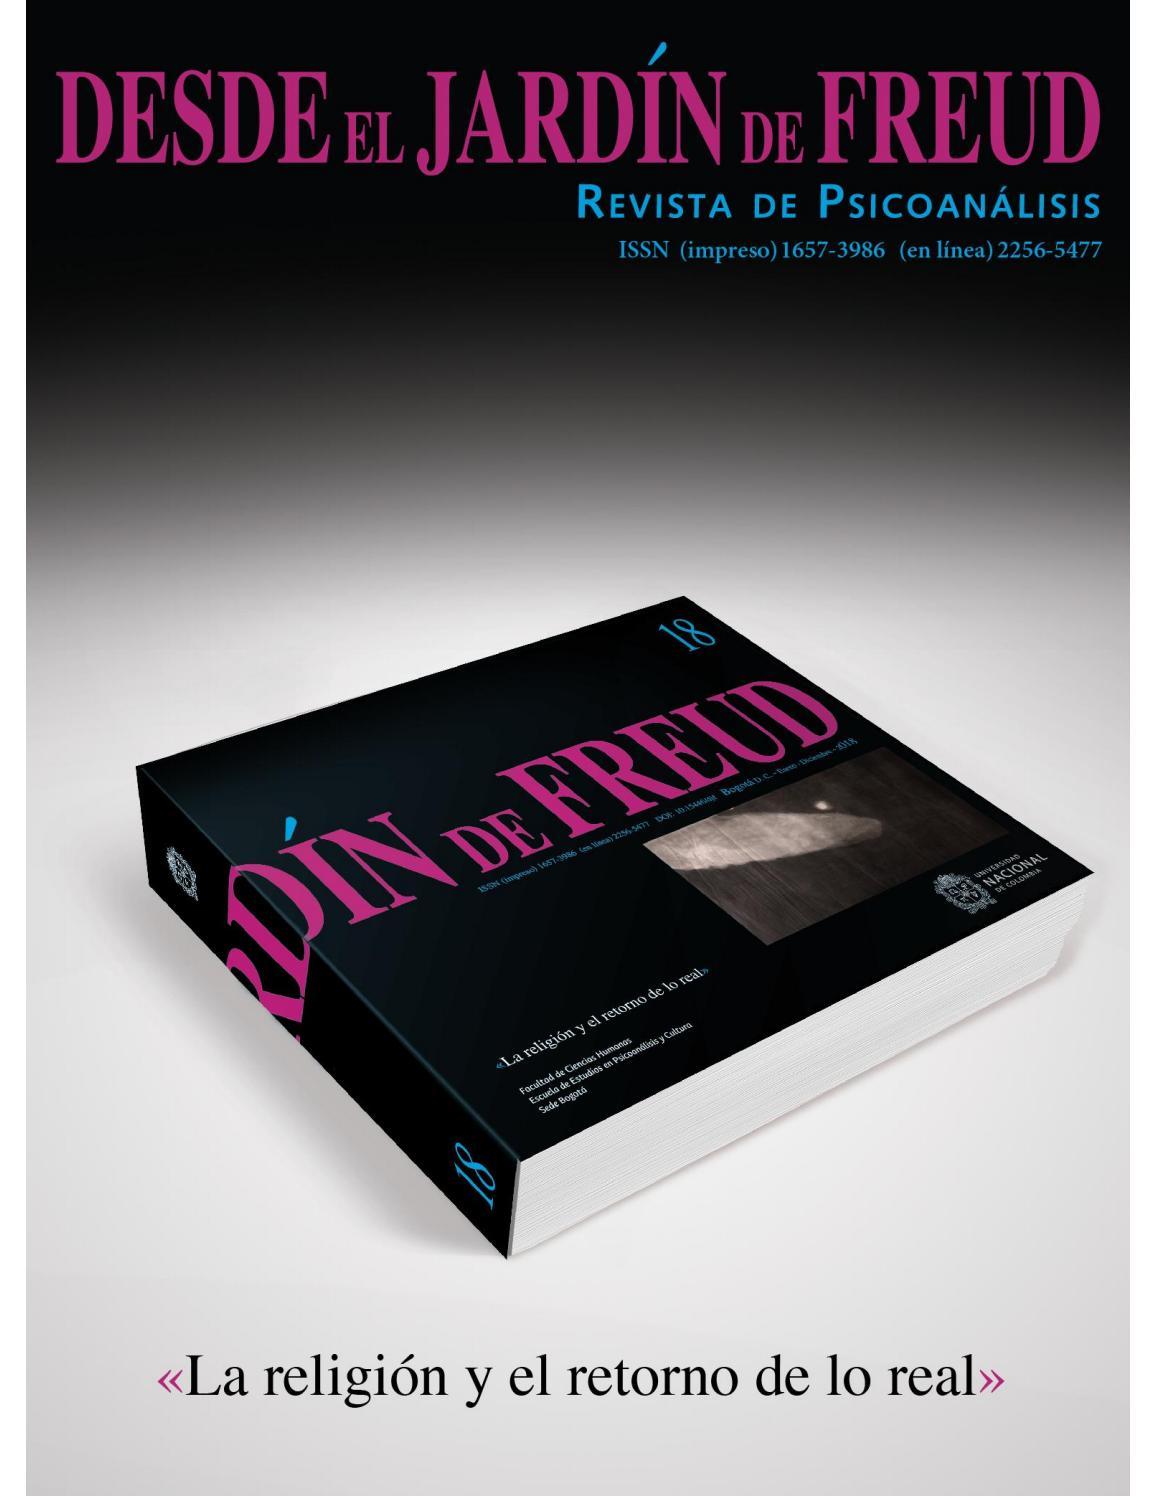 DESDE EL JARDÍN DE FREUD 18 (Revista de Psicoanálisis) by Desde el ...